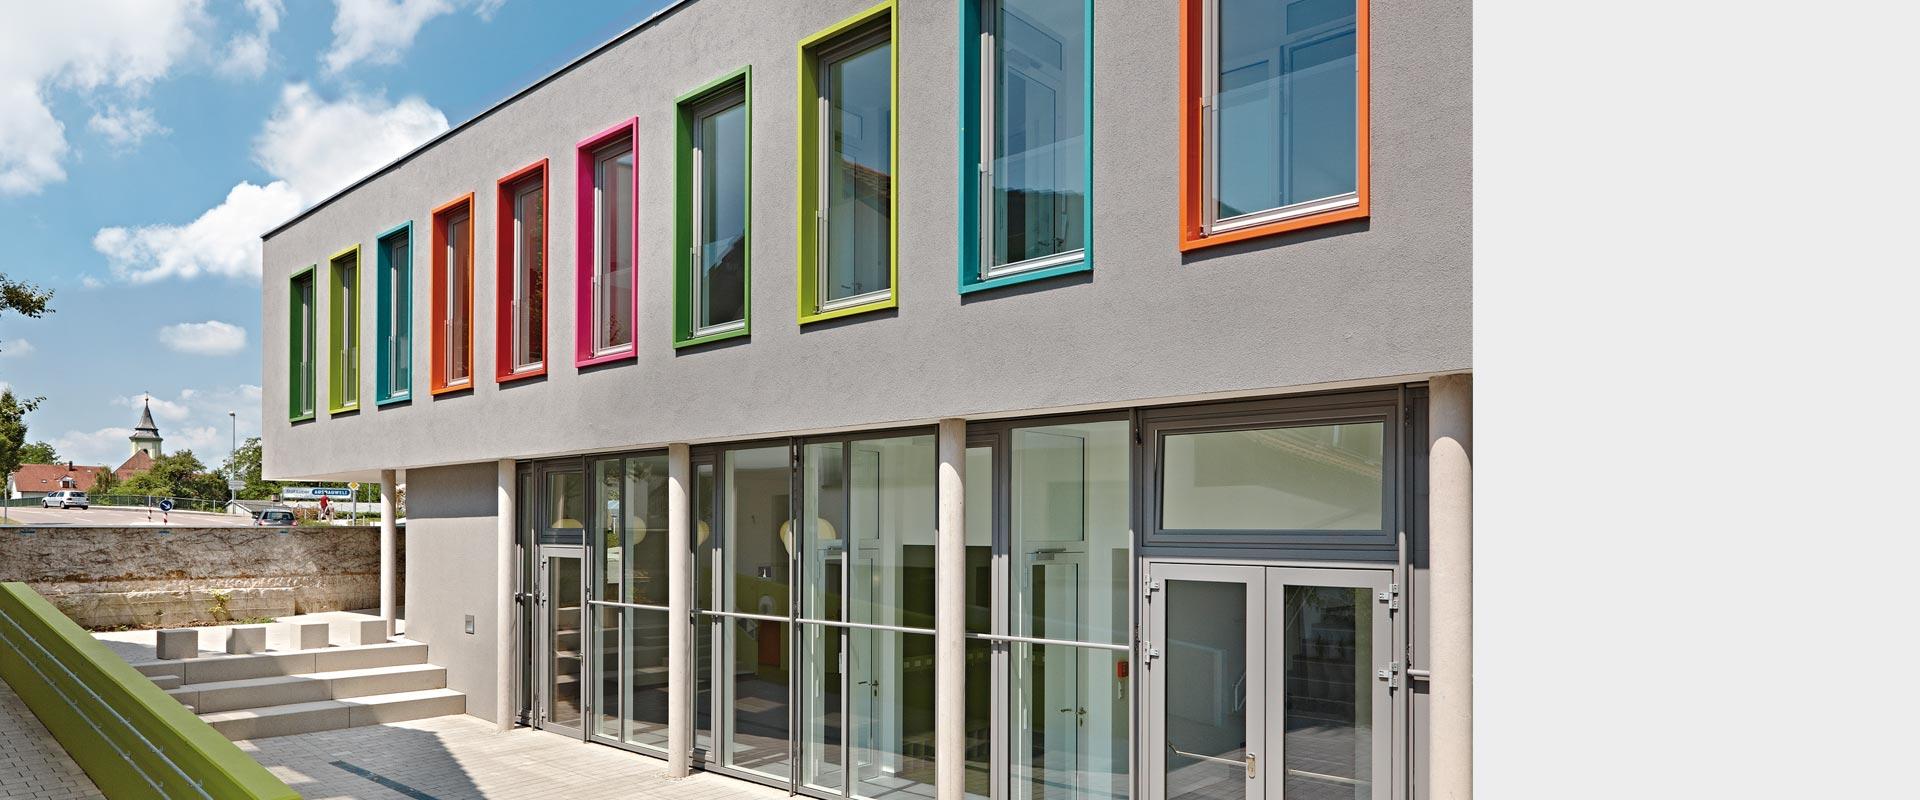 architekturbuero_henning_musahl_kindergarten02